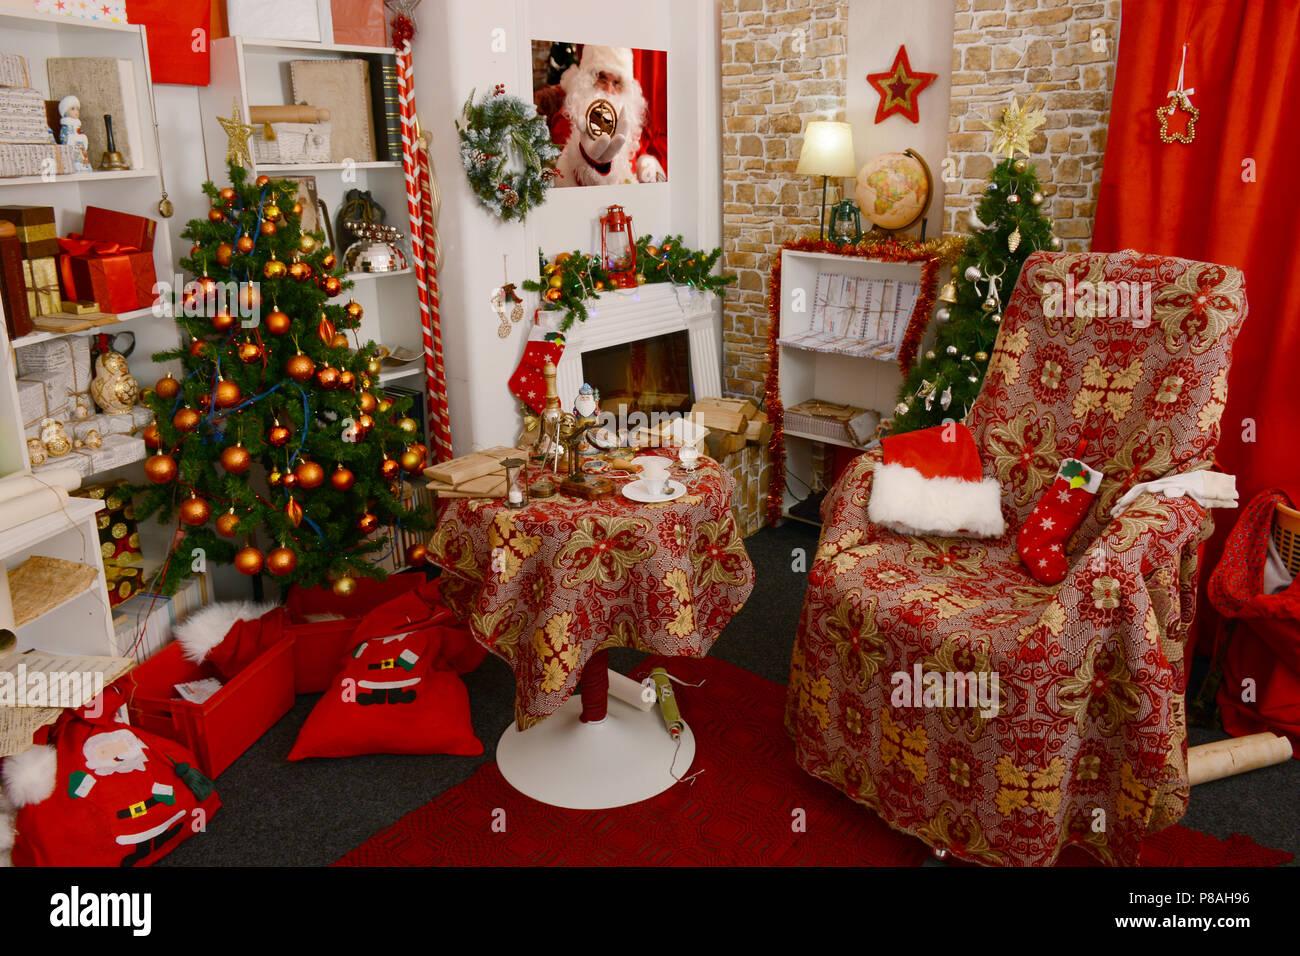 Santa 39 s wohnzimmer f r weihnachten dekoriert santa claus - Weihnachten wohnzimmer ...